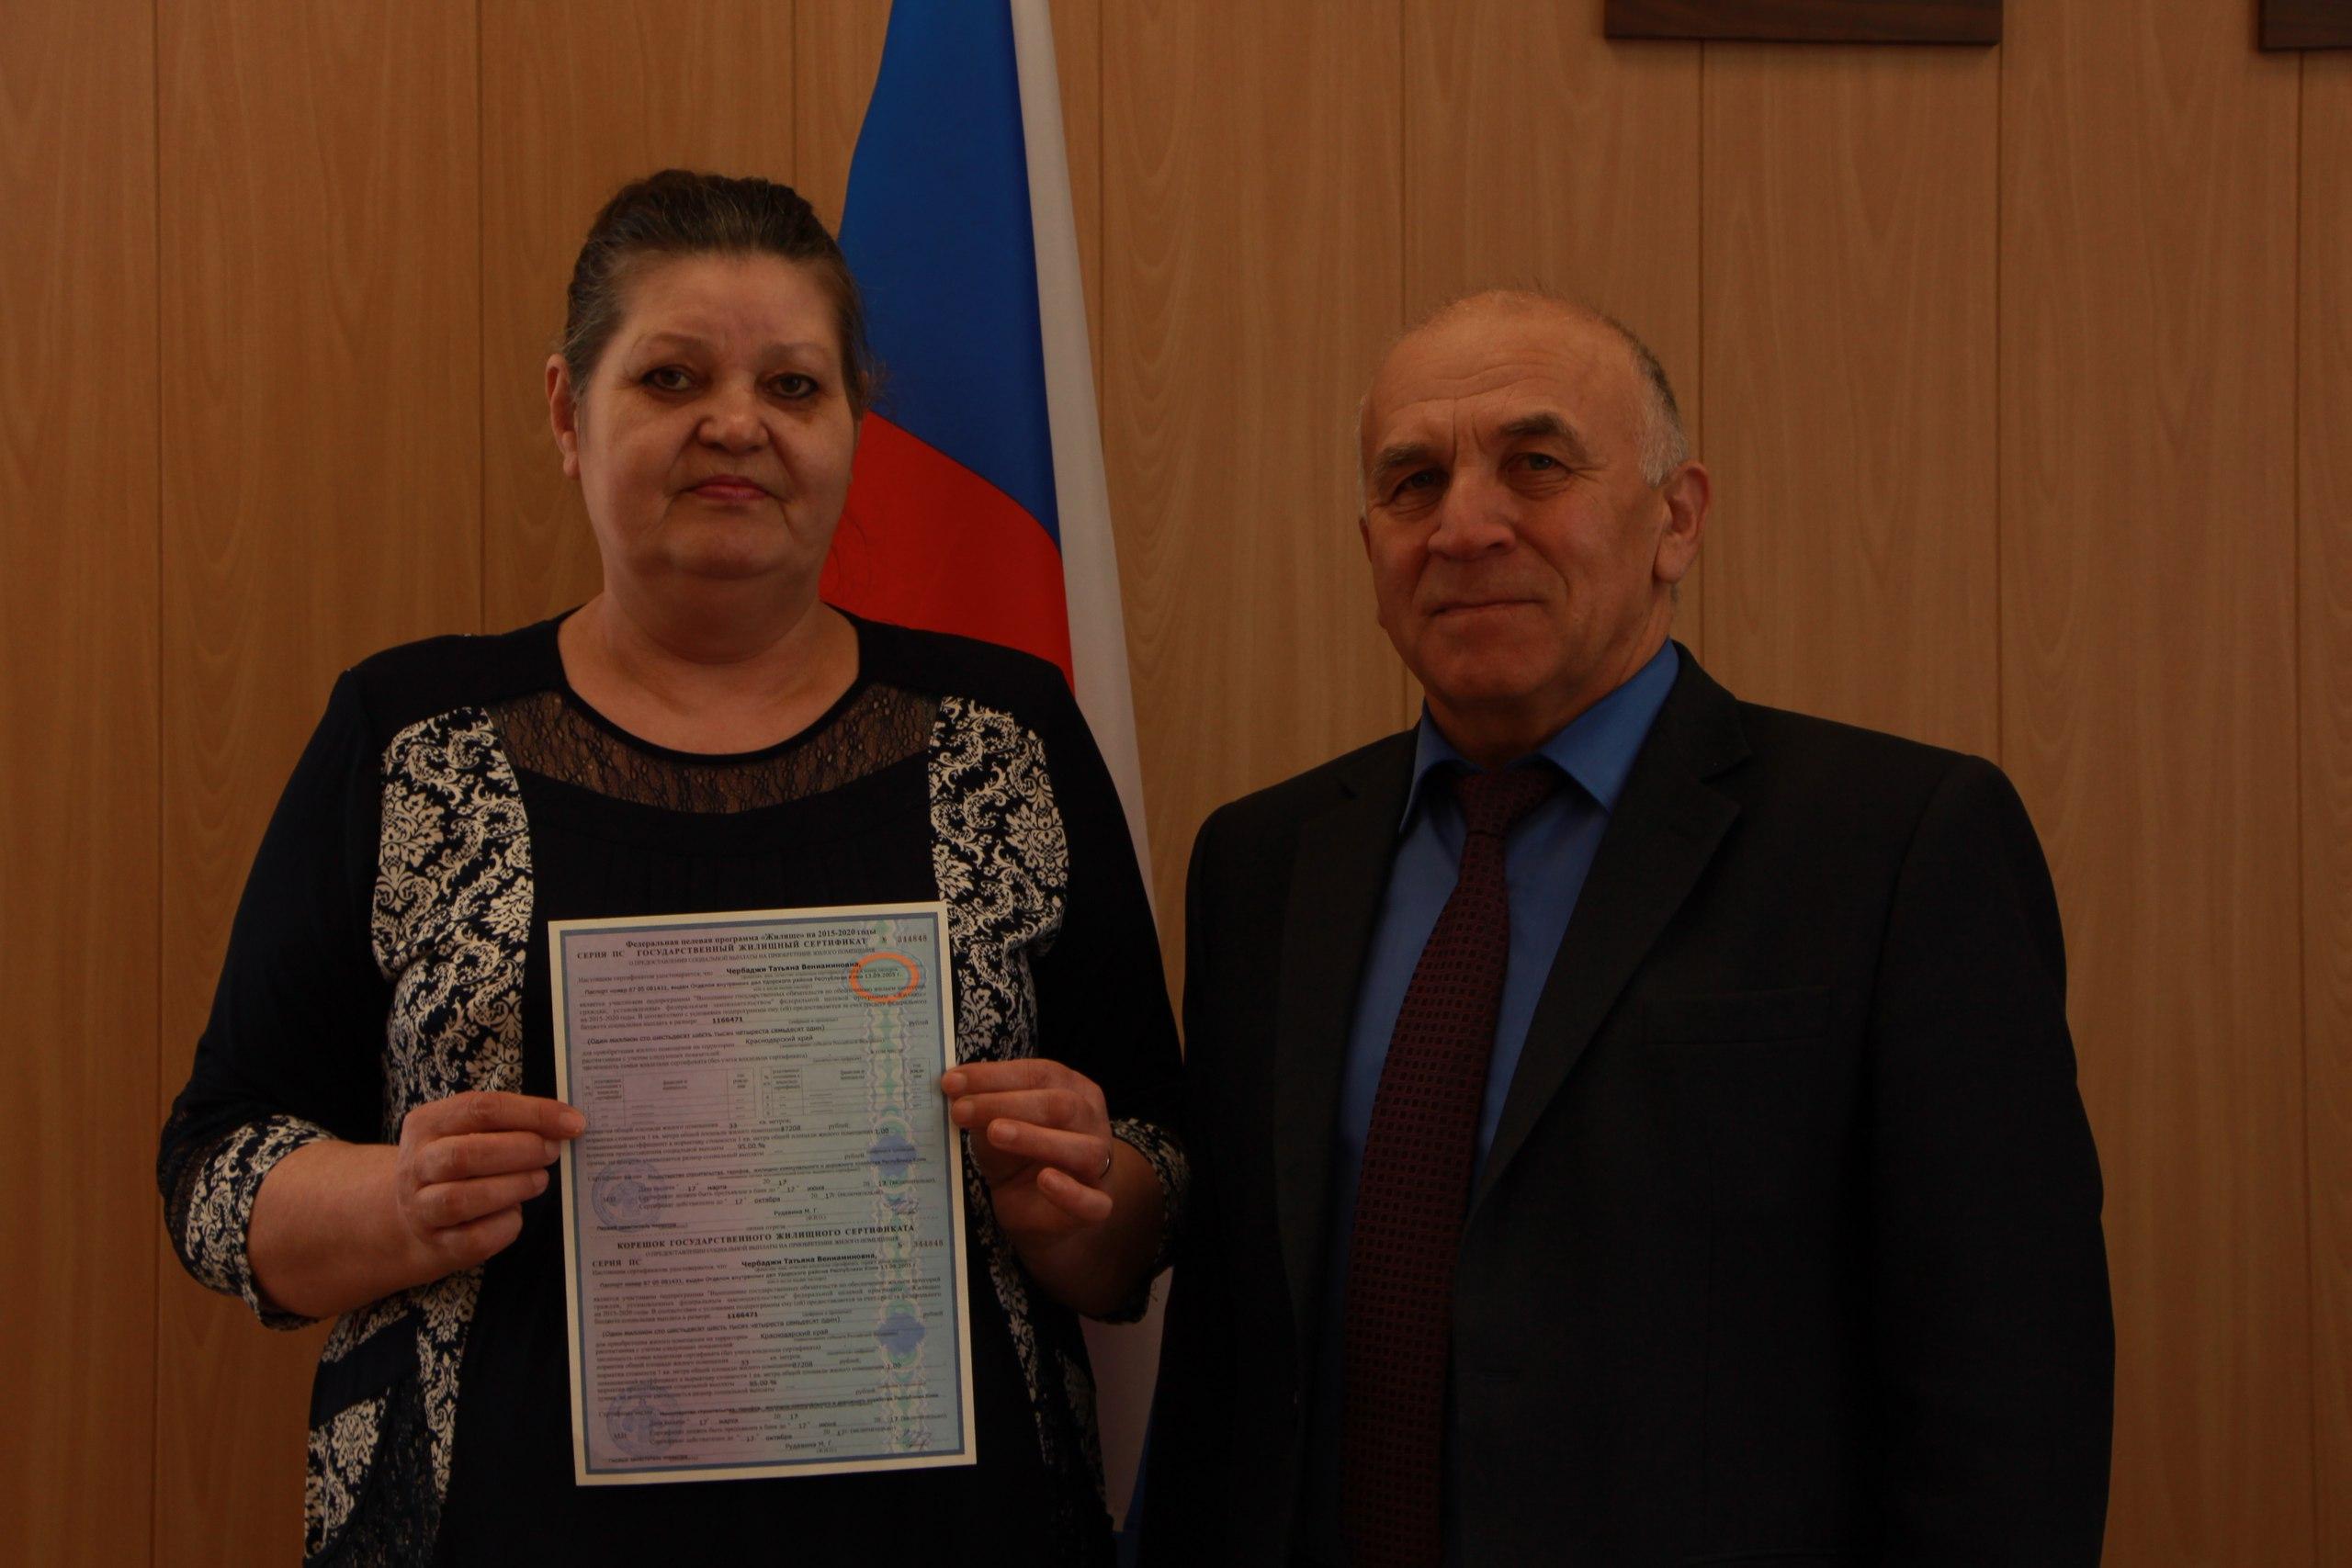 Трое жителей Удорского района получили жилищные сертификаты на приобретение жилья